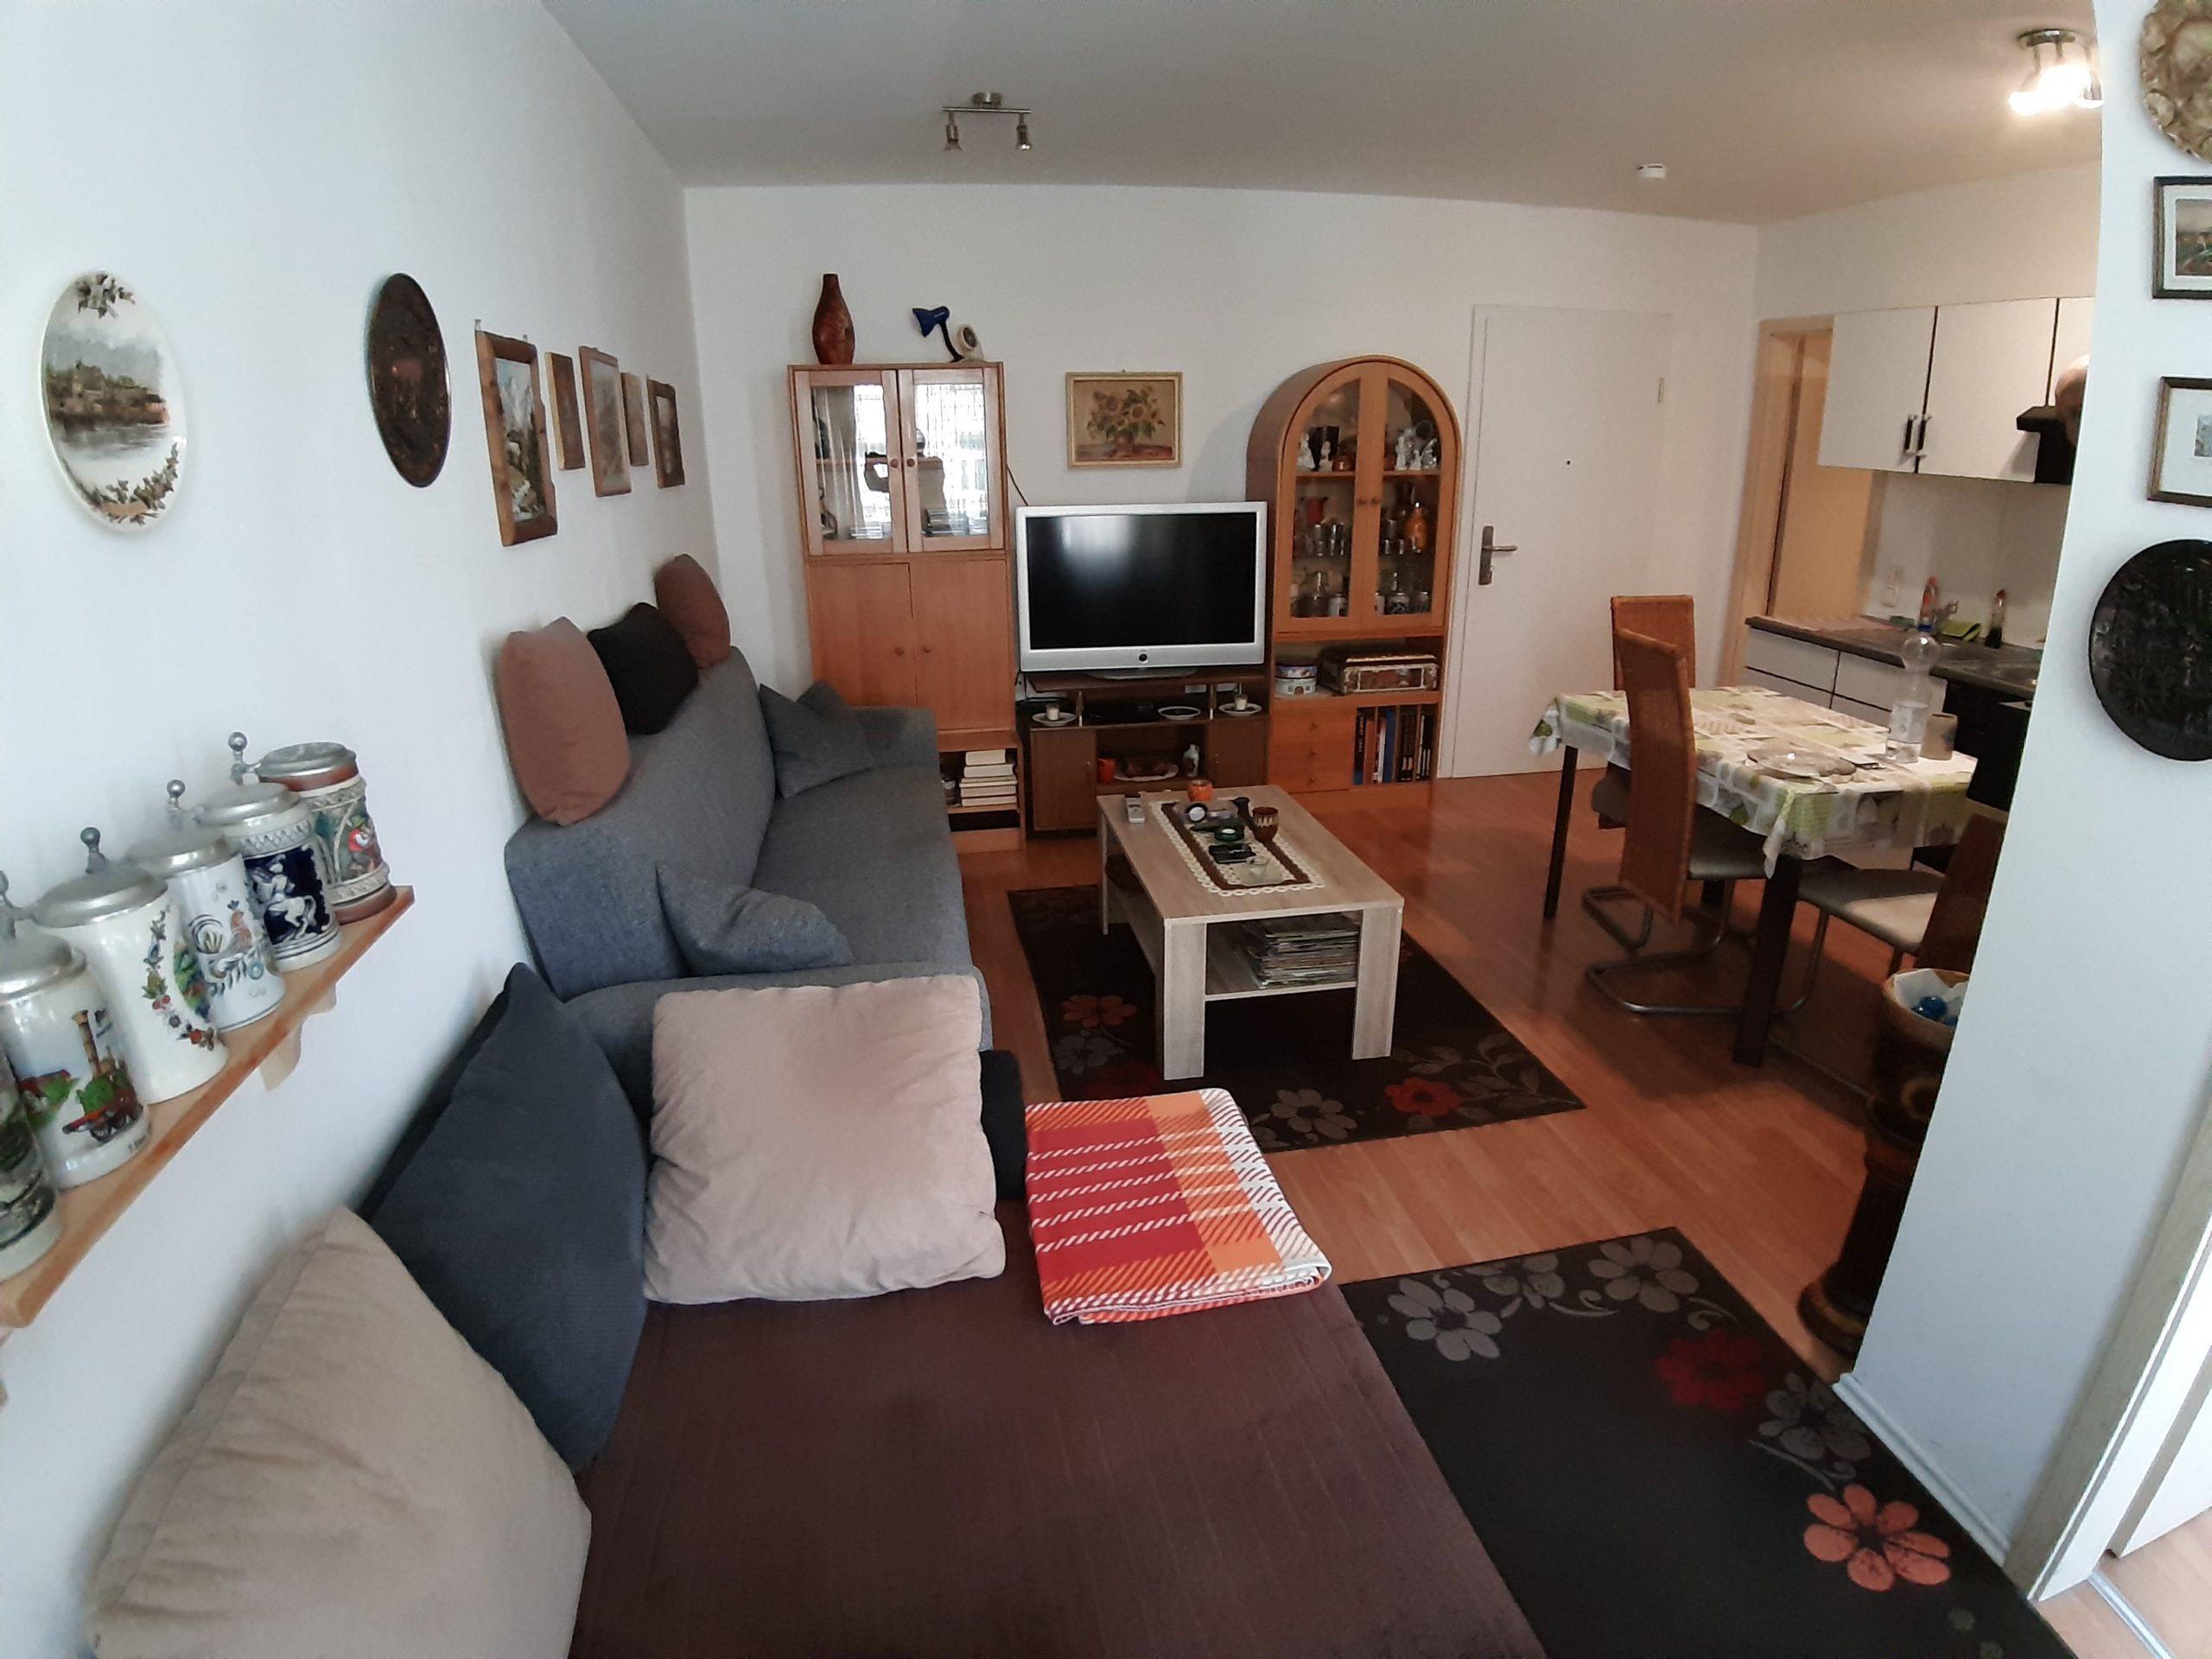 221 • 21,21 Zimmer Eigentumswohnung im beliebten Stadtteil ...